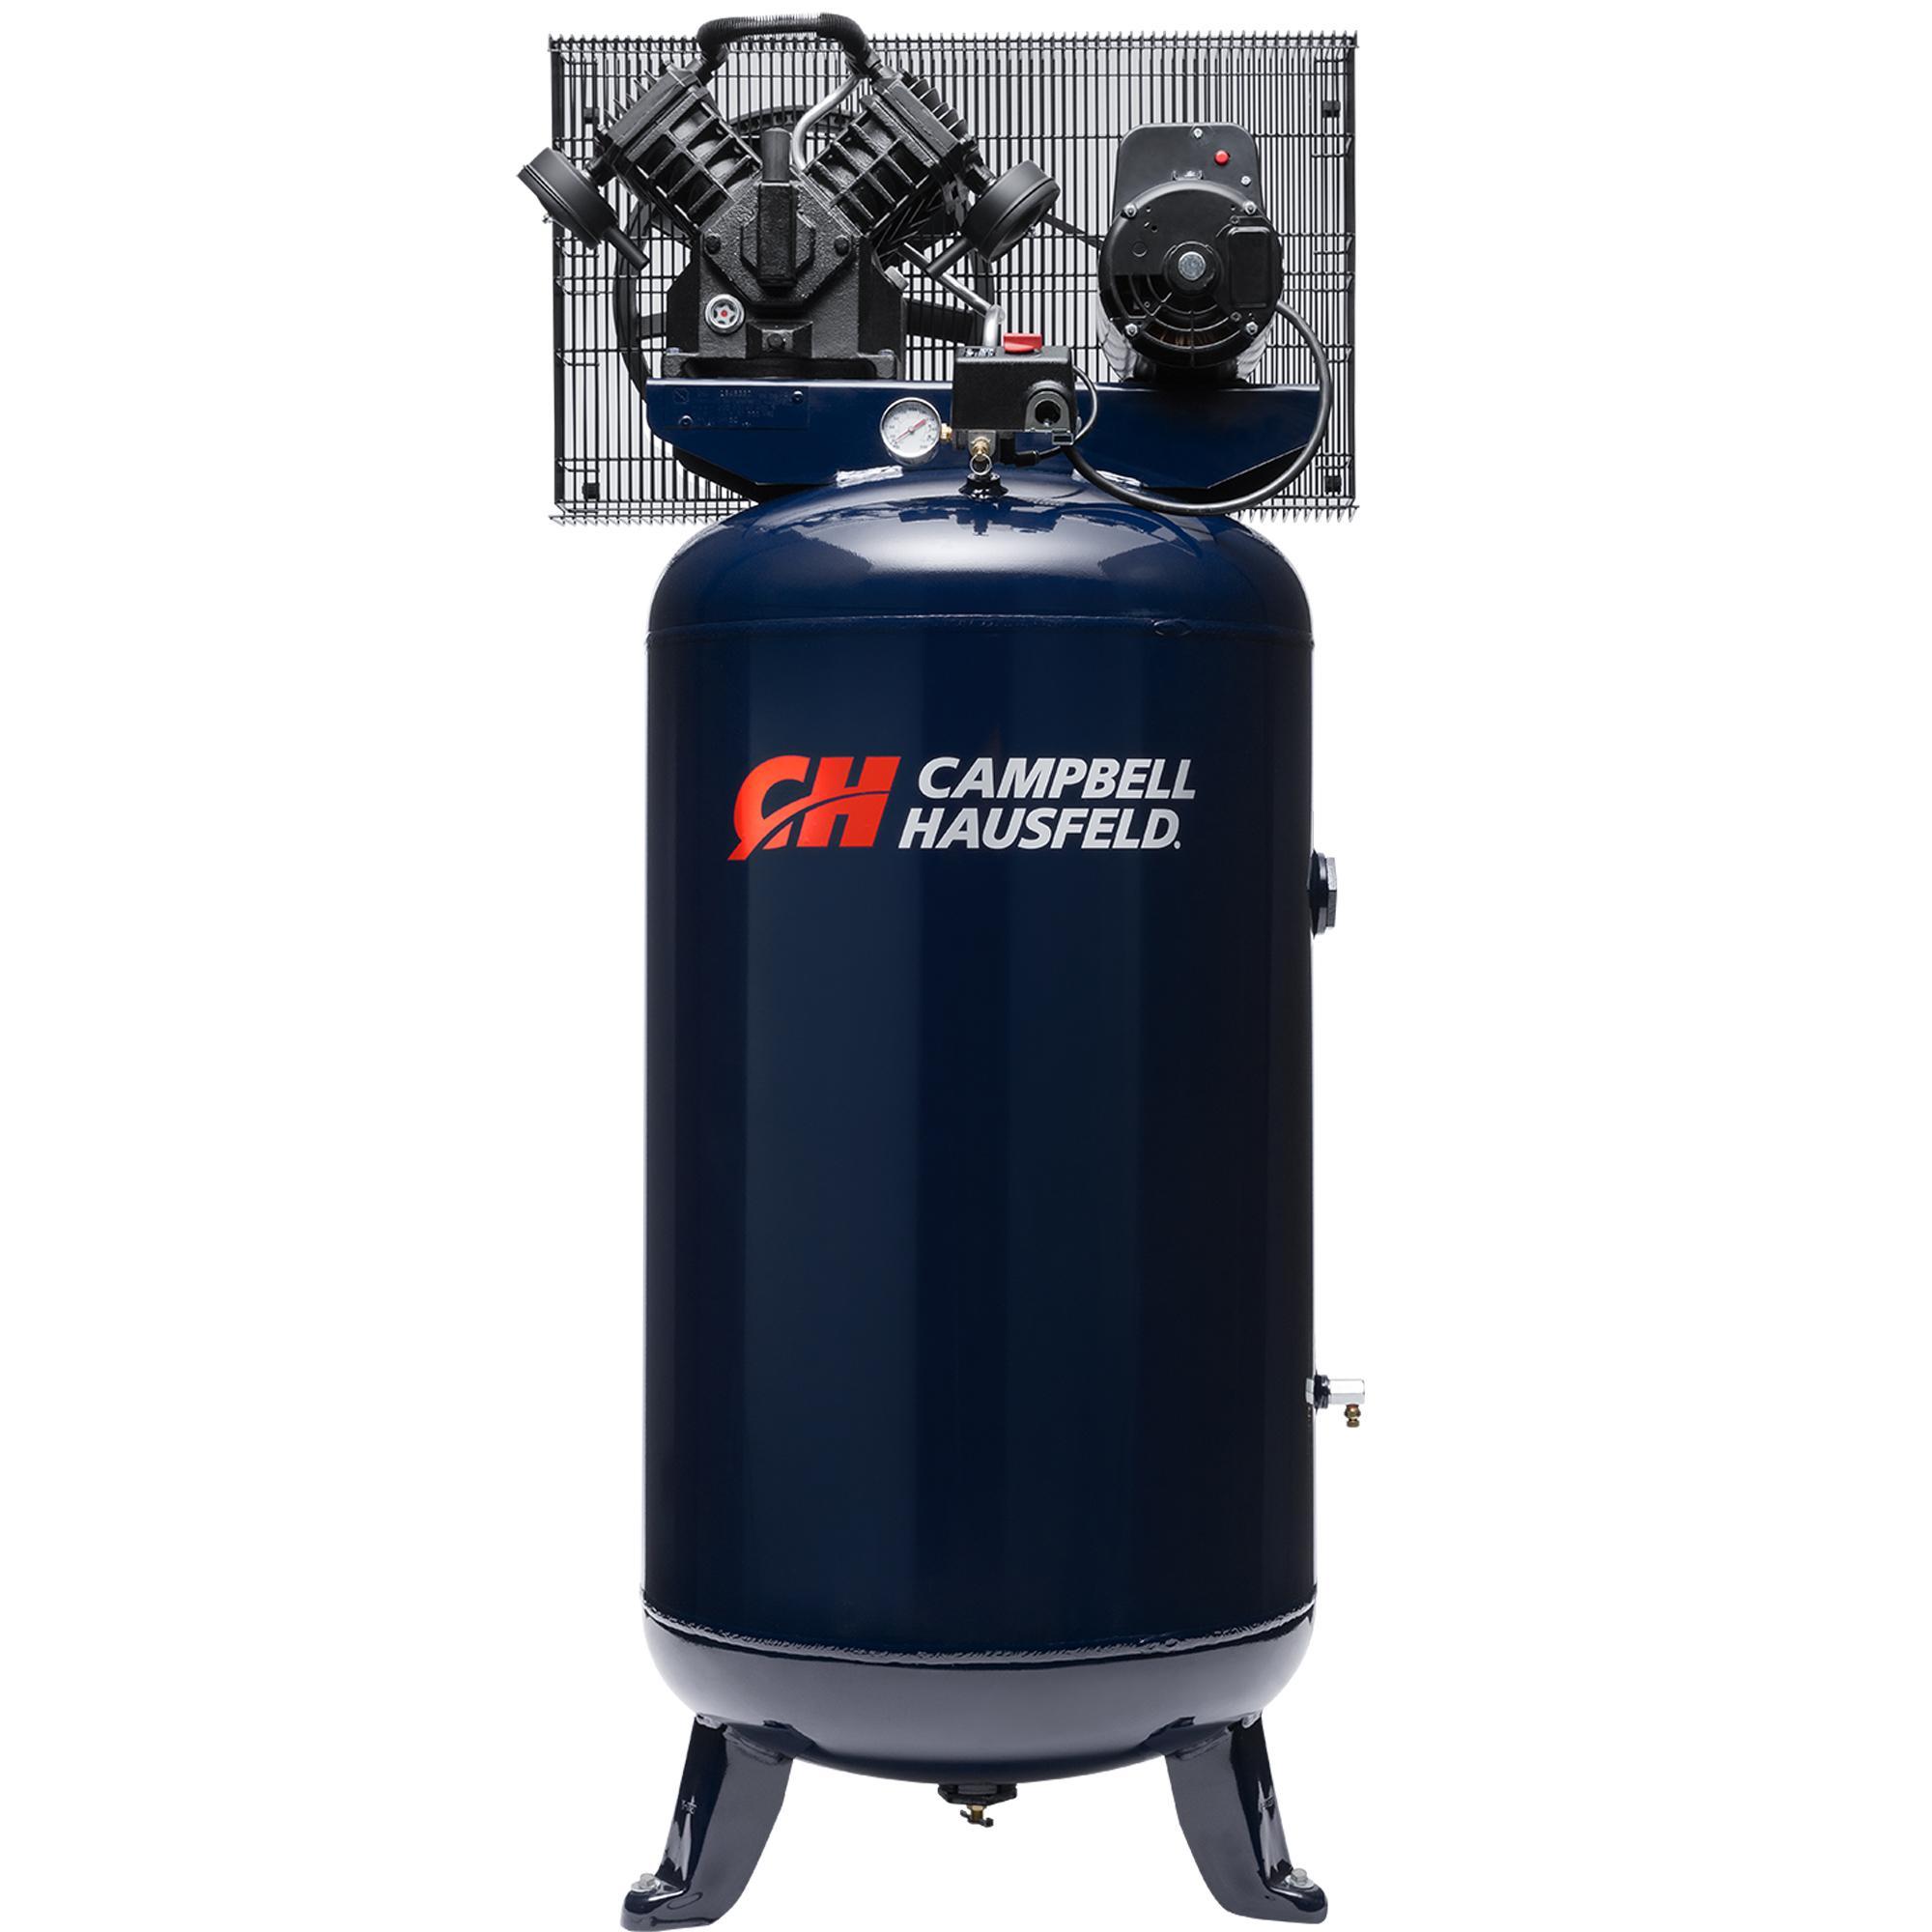 Amazon.com: Air Compressor, 80 Gallon, Vertical Compressor